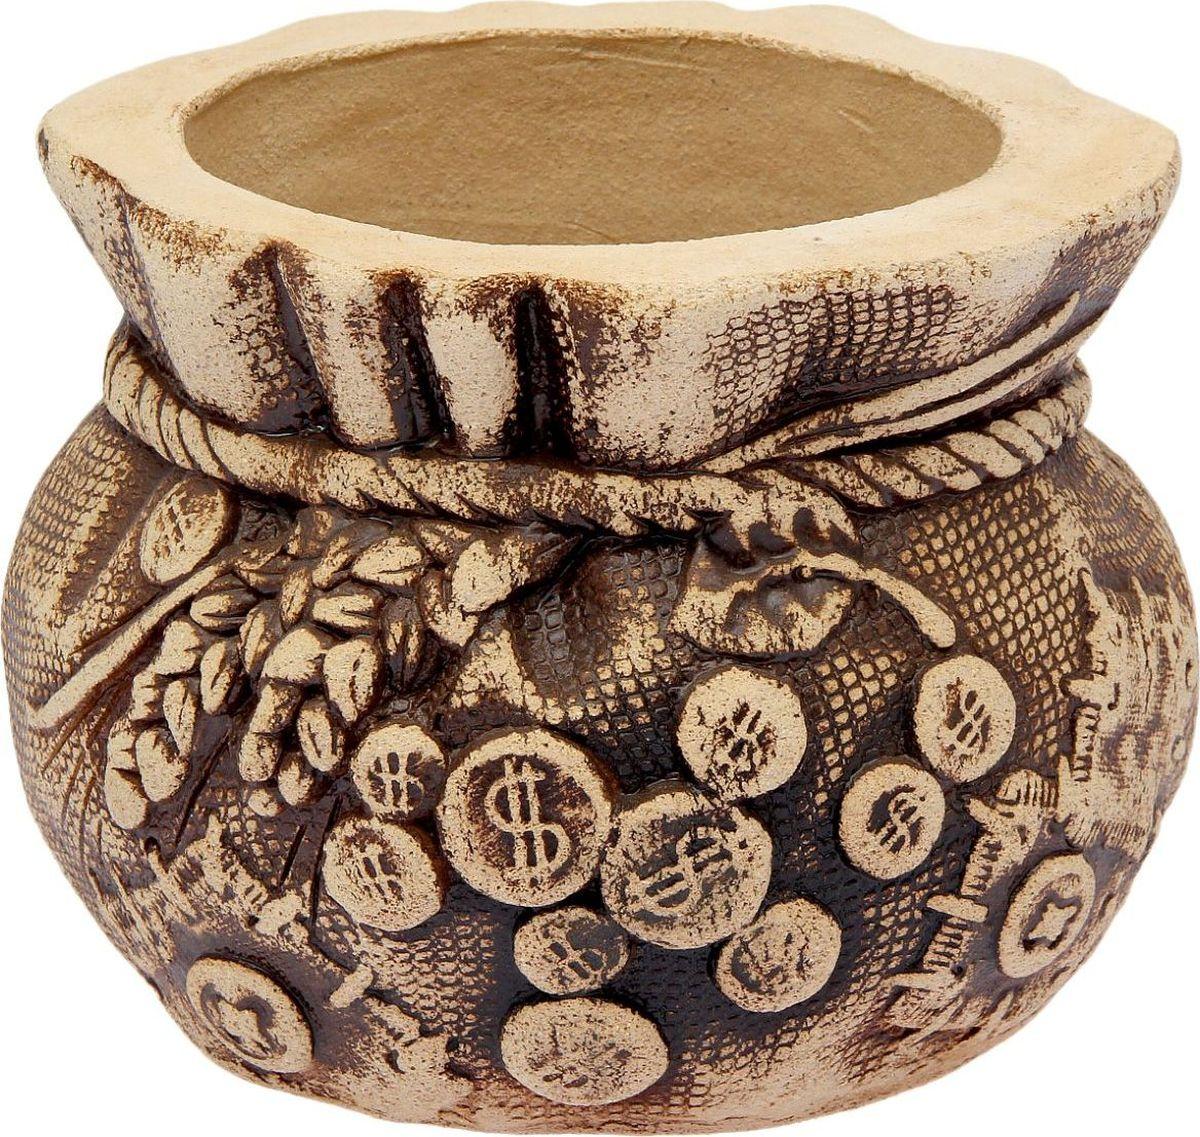 Горшок для цветов Керамика ручной работы Денежный мешок, 5 л1998798Горшок для цветов Керамика ручной работы Денежный мешок - настоящая находка для садоводов. Это замечательное изделие, словно претерпевшее влияние времени, станет изысканной деталью вашего участка.Фигура выполнена исключительно из шамотной глины, которая делает ее абсолютно нетоксичной, устойчивой к воздействию окружающей среды (морозостойкой), устойчивой к изменению цвета и структуры (не шелушится и не облезает). При декорировании используются только качественные пигменты. Глина обжигается в два этапа: утилитный (900°С) с последующим декорированием и политой (1100°С). Такая технология придает изделию необходимую крепость. Диаметр по верхнему краю: 23 см. Высота горшка: 18,5 см.